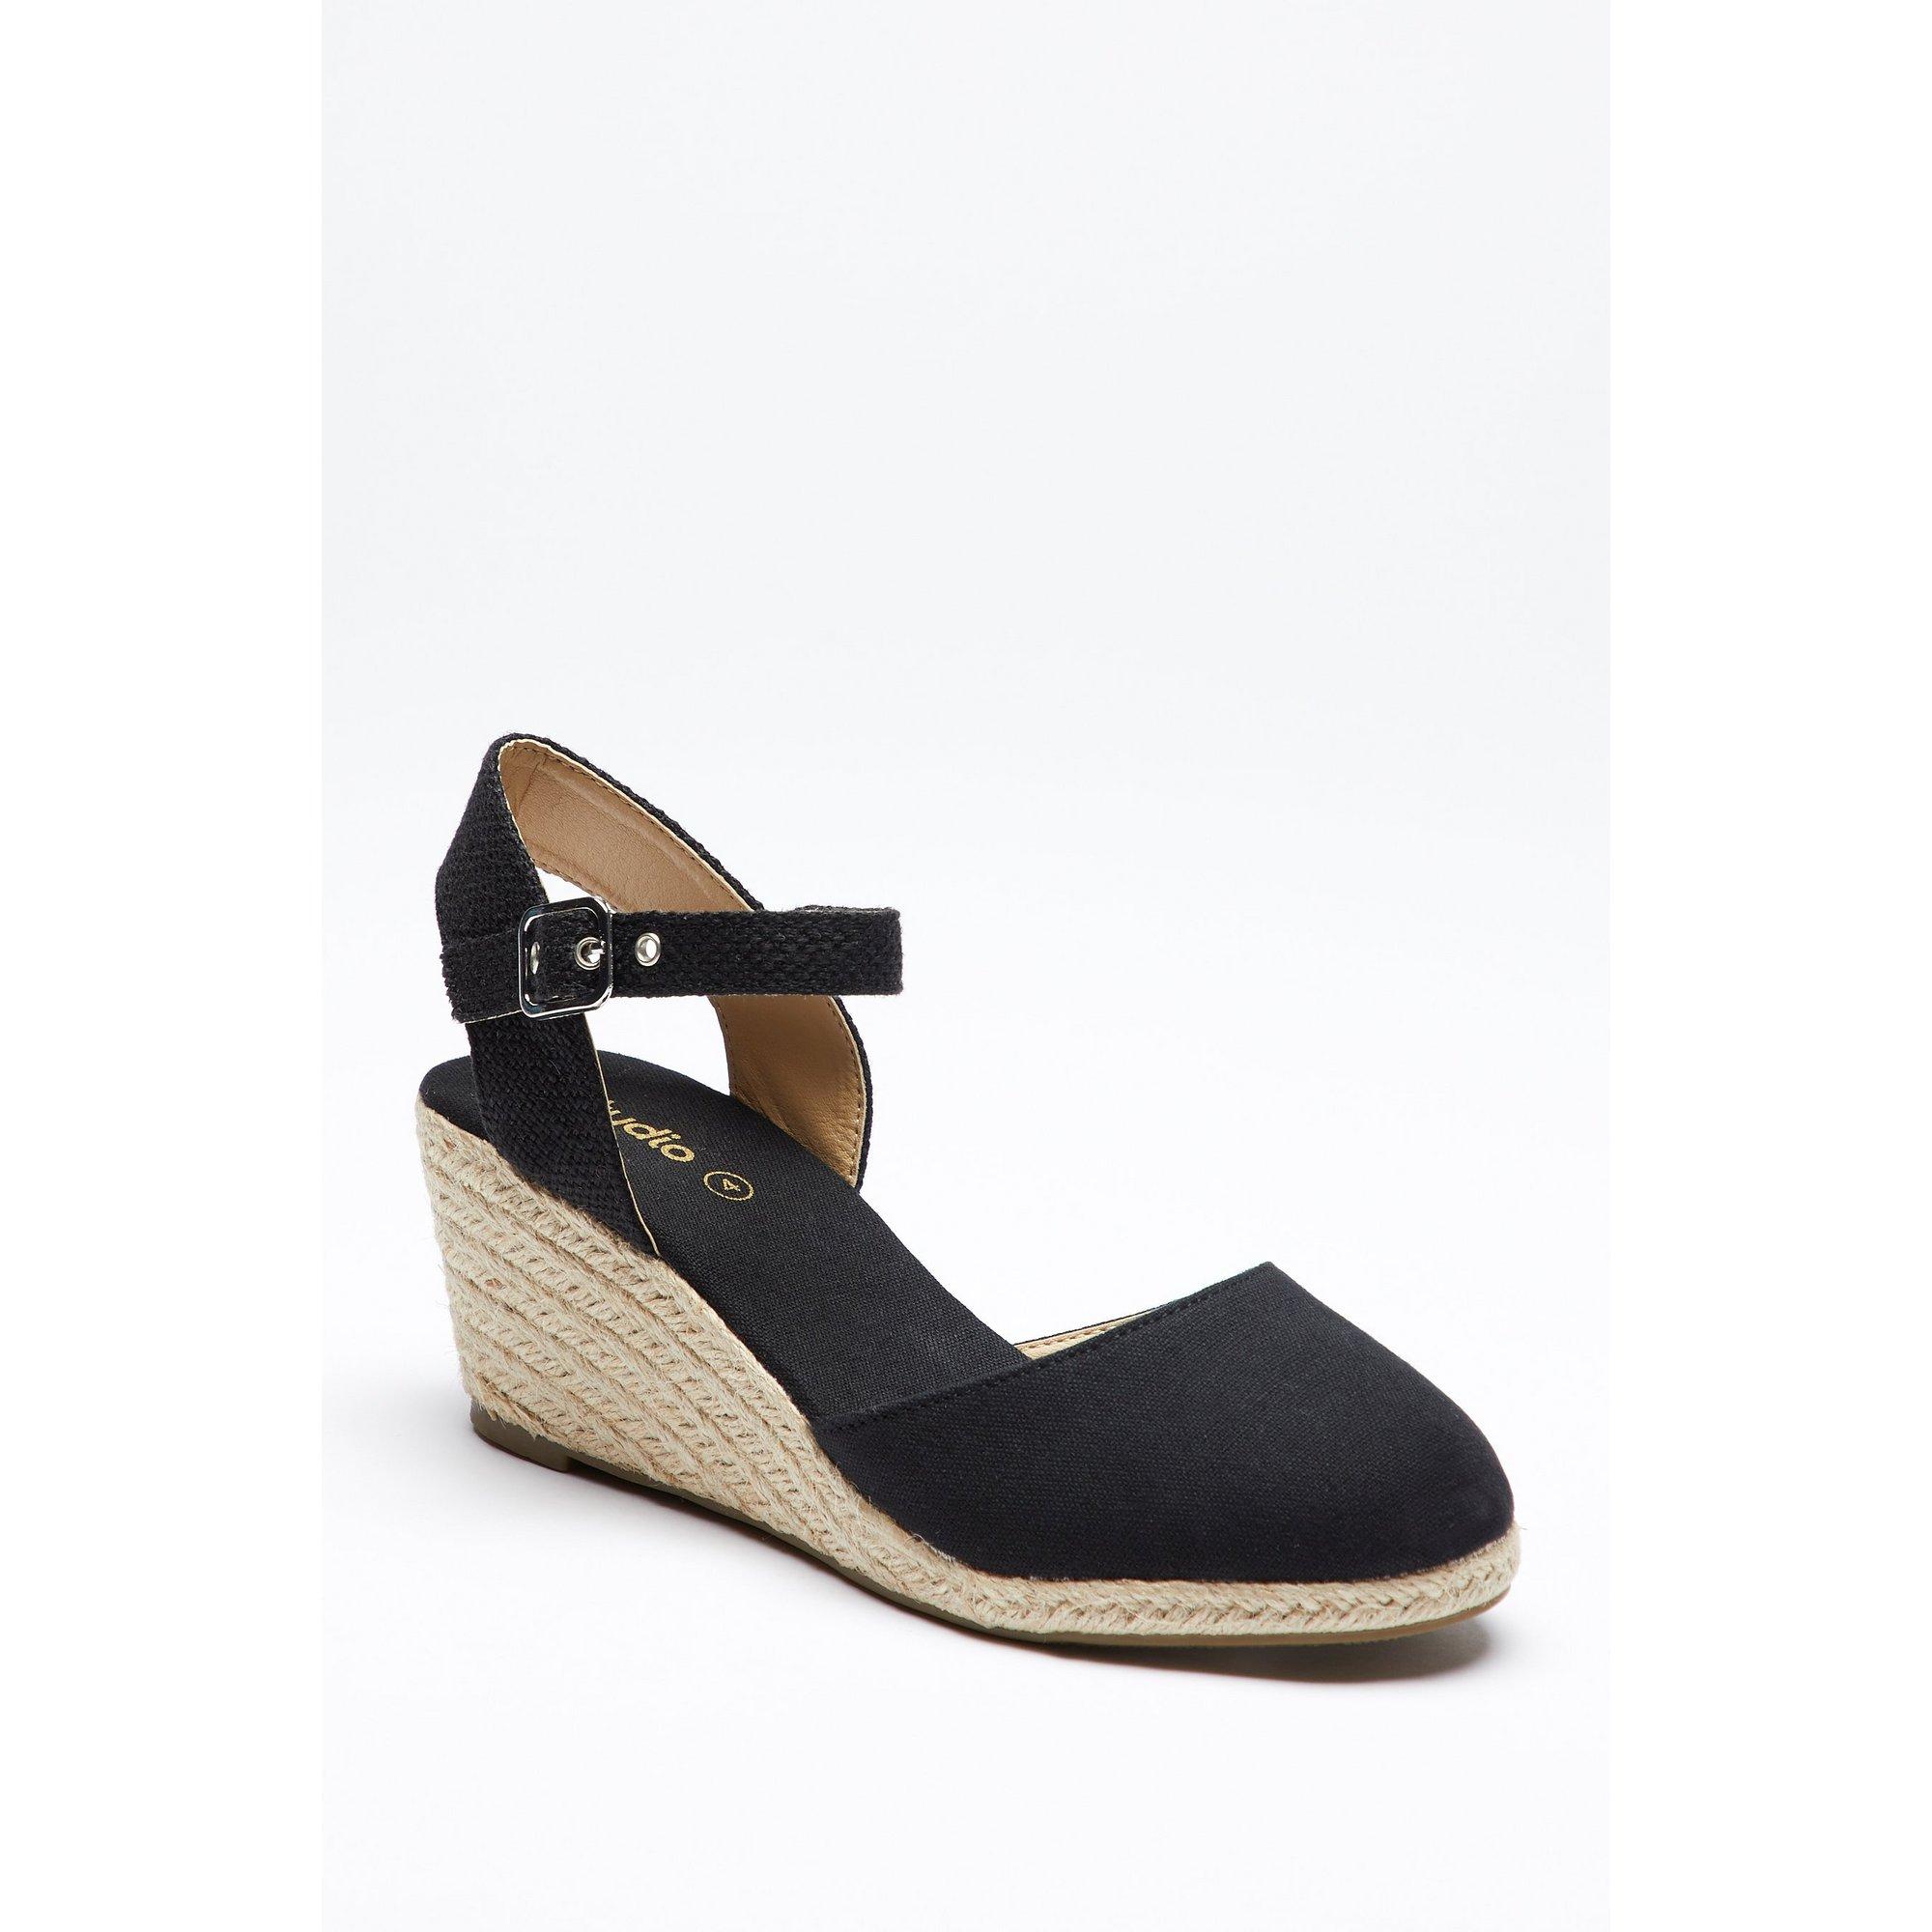 Image of 2 Part Espadrille Wedge Heel Sandals